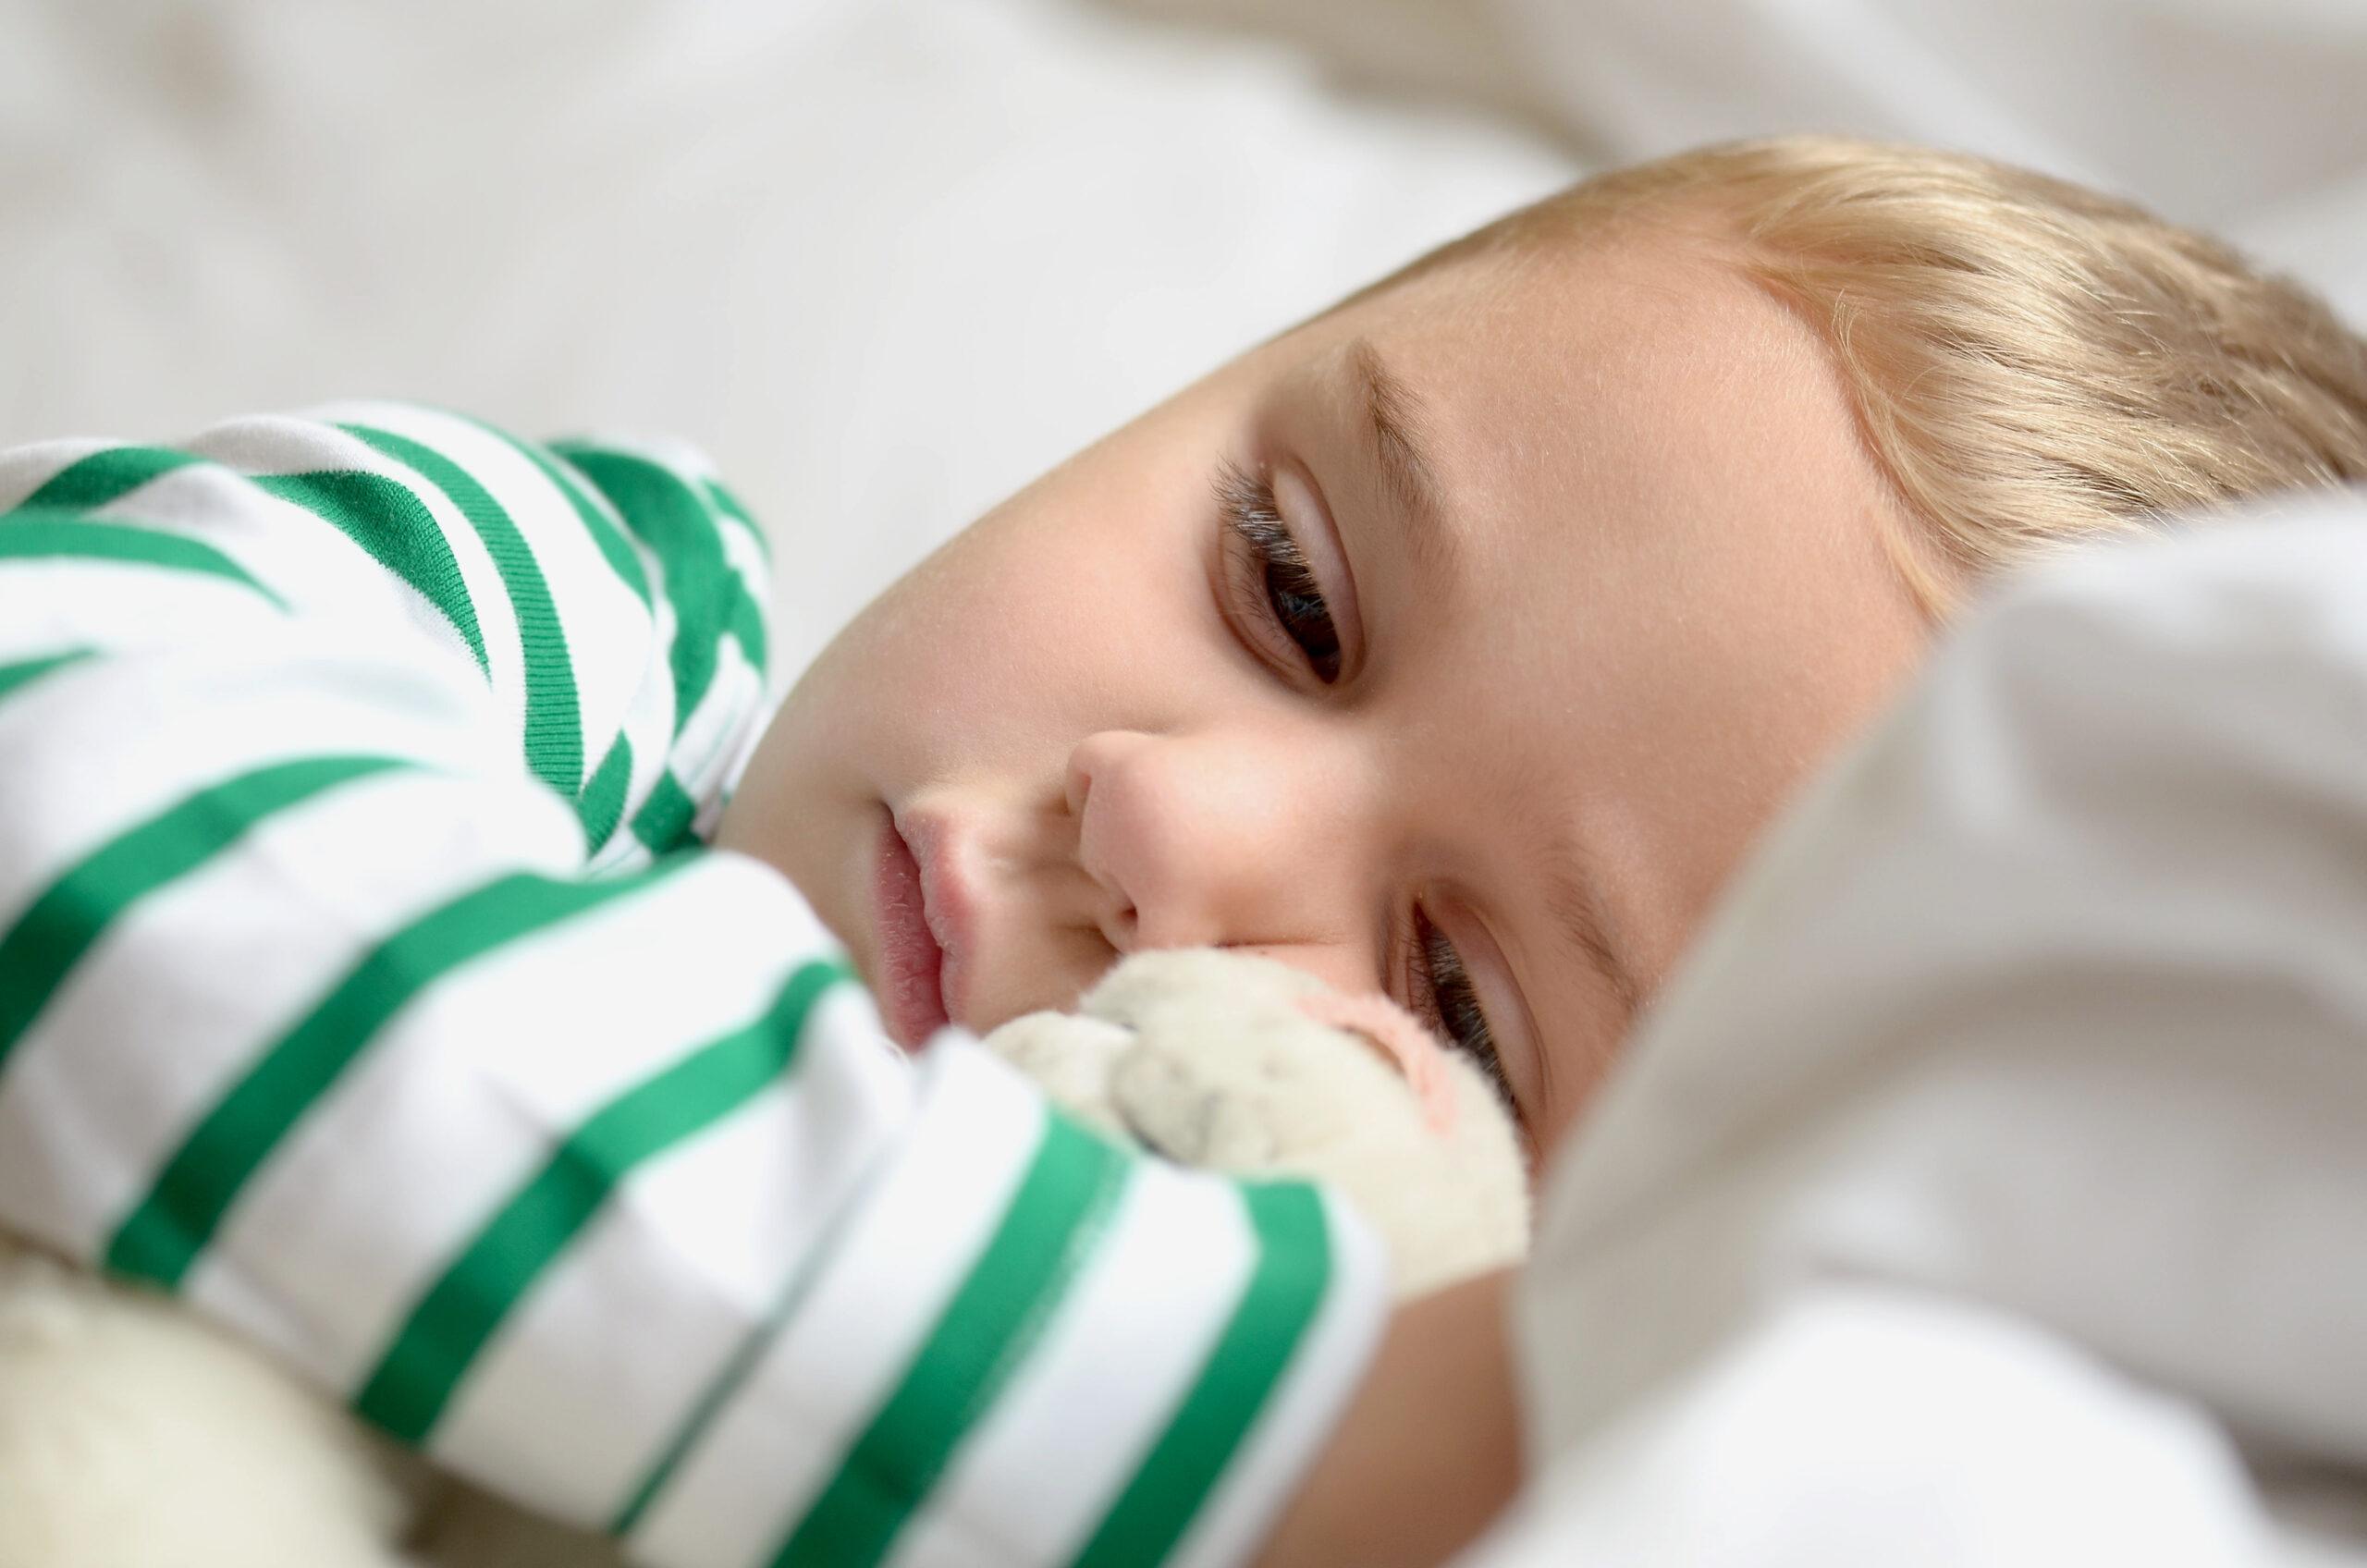 Çocuklarda uyku bozuklukları depresyon riskini artırır